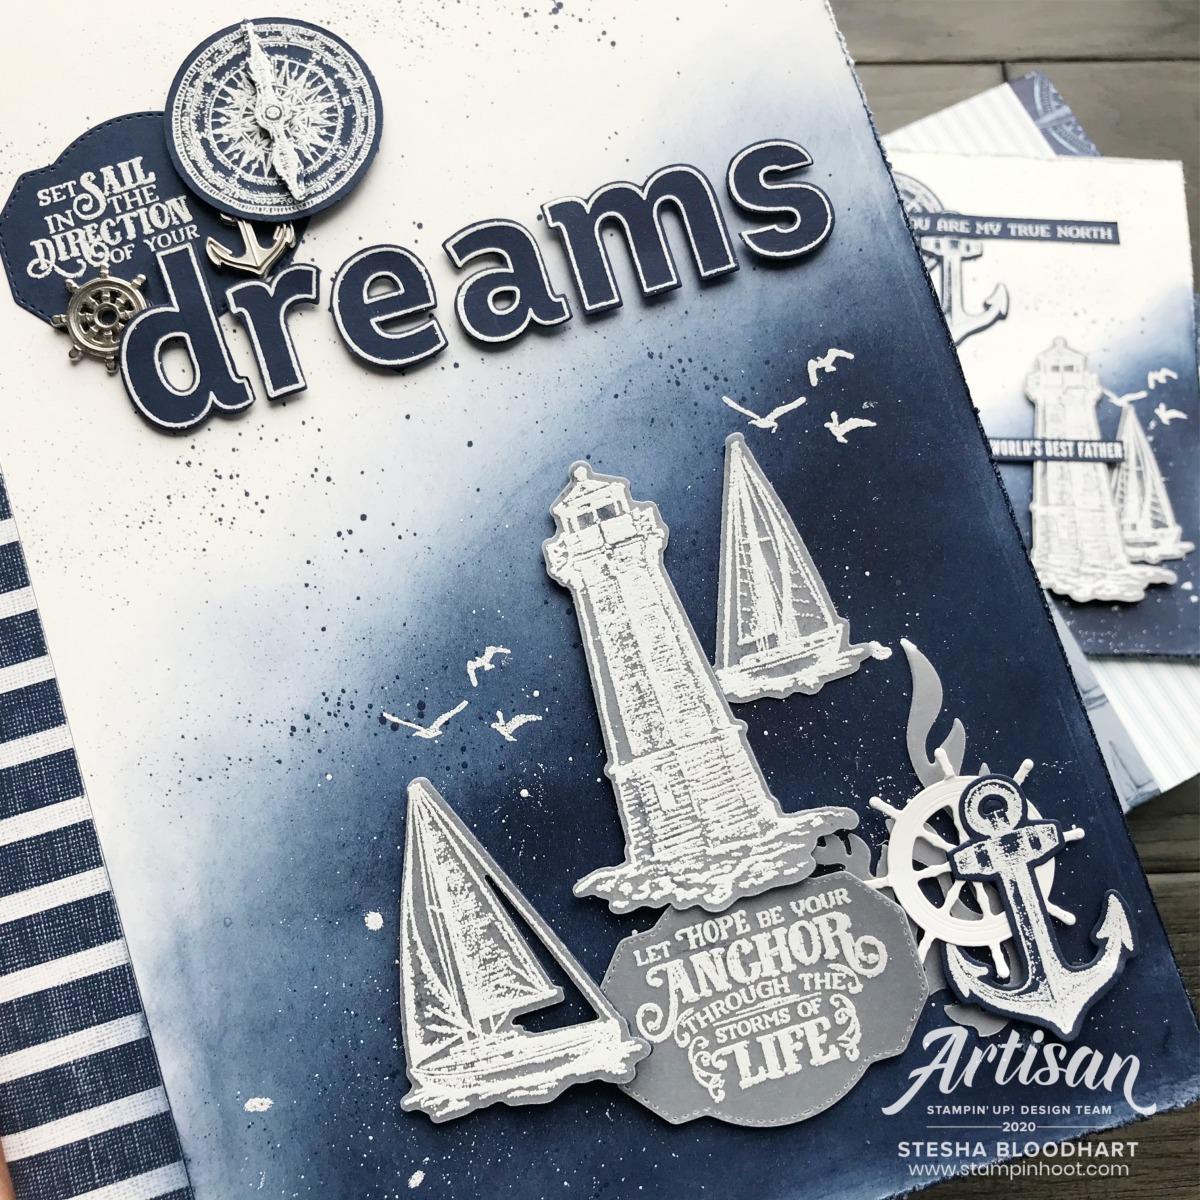 Make a Splash Stampin' Rewards Exclusive Stamp Set by Stampin' Up! Card by Stesha Bloodhart, Stampin' Hoot! 2020 Artisan Design Team